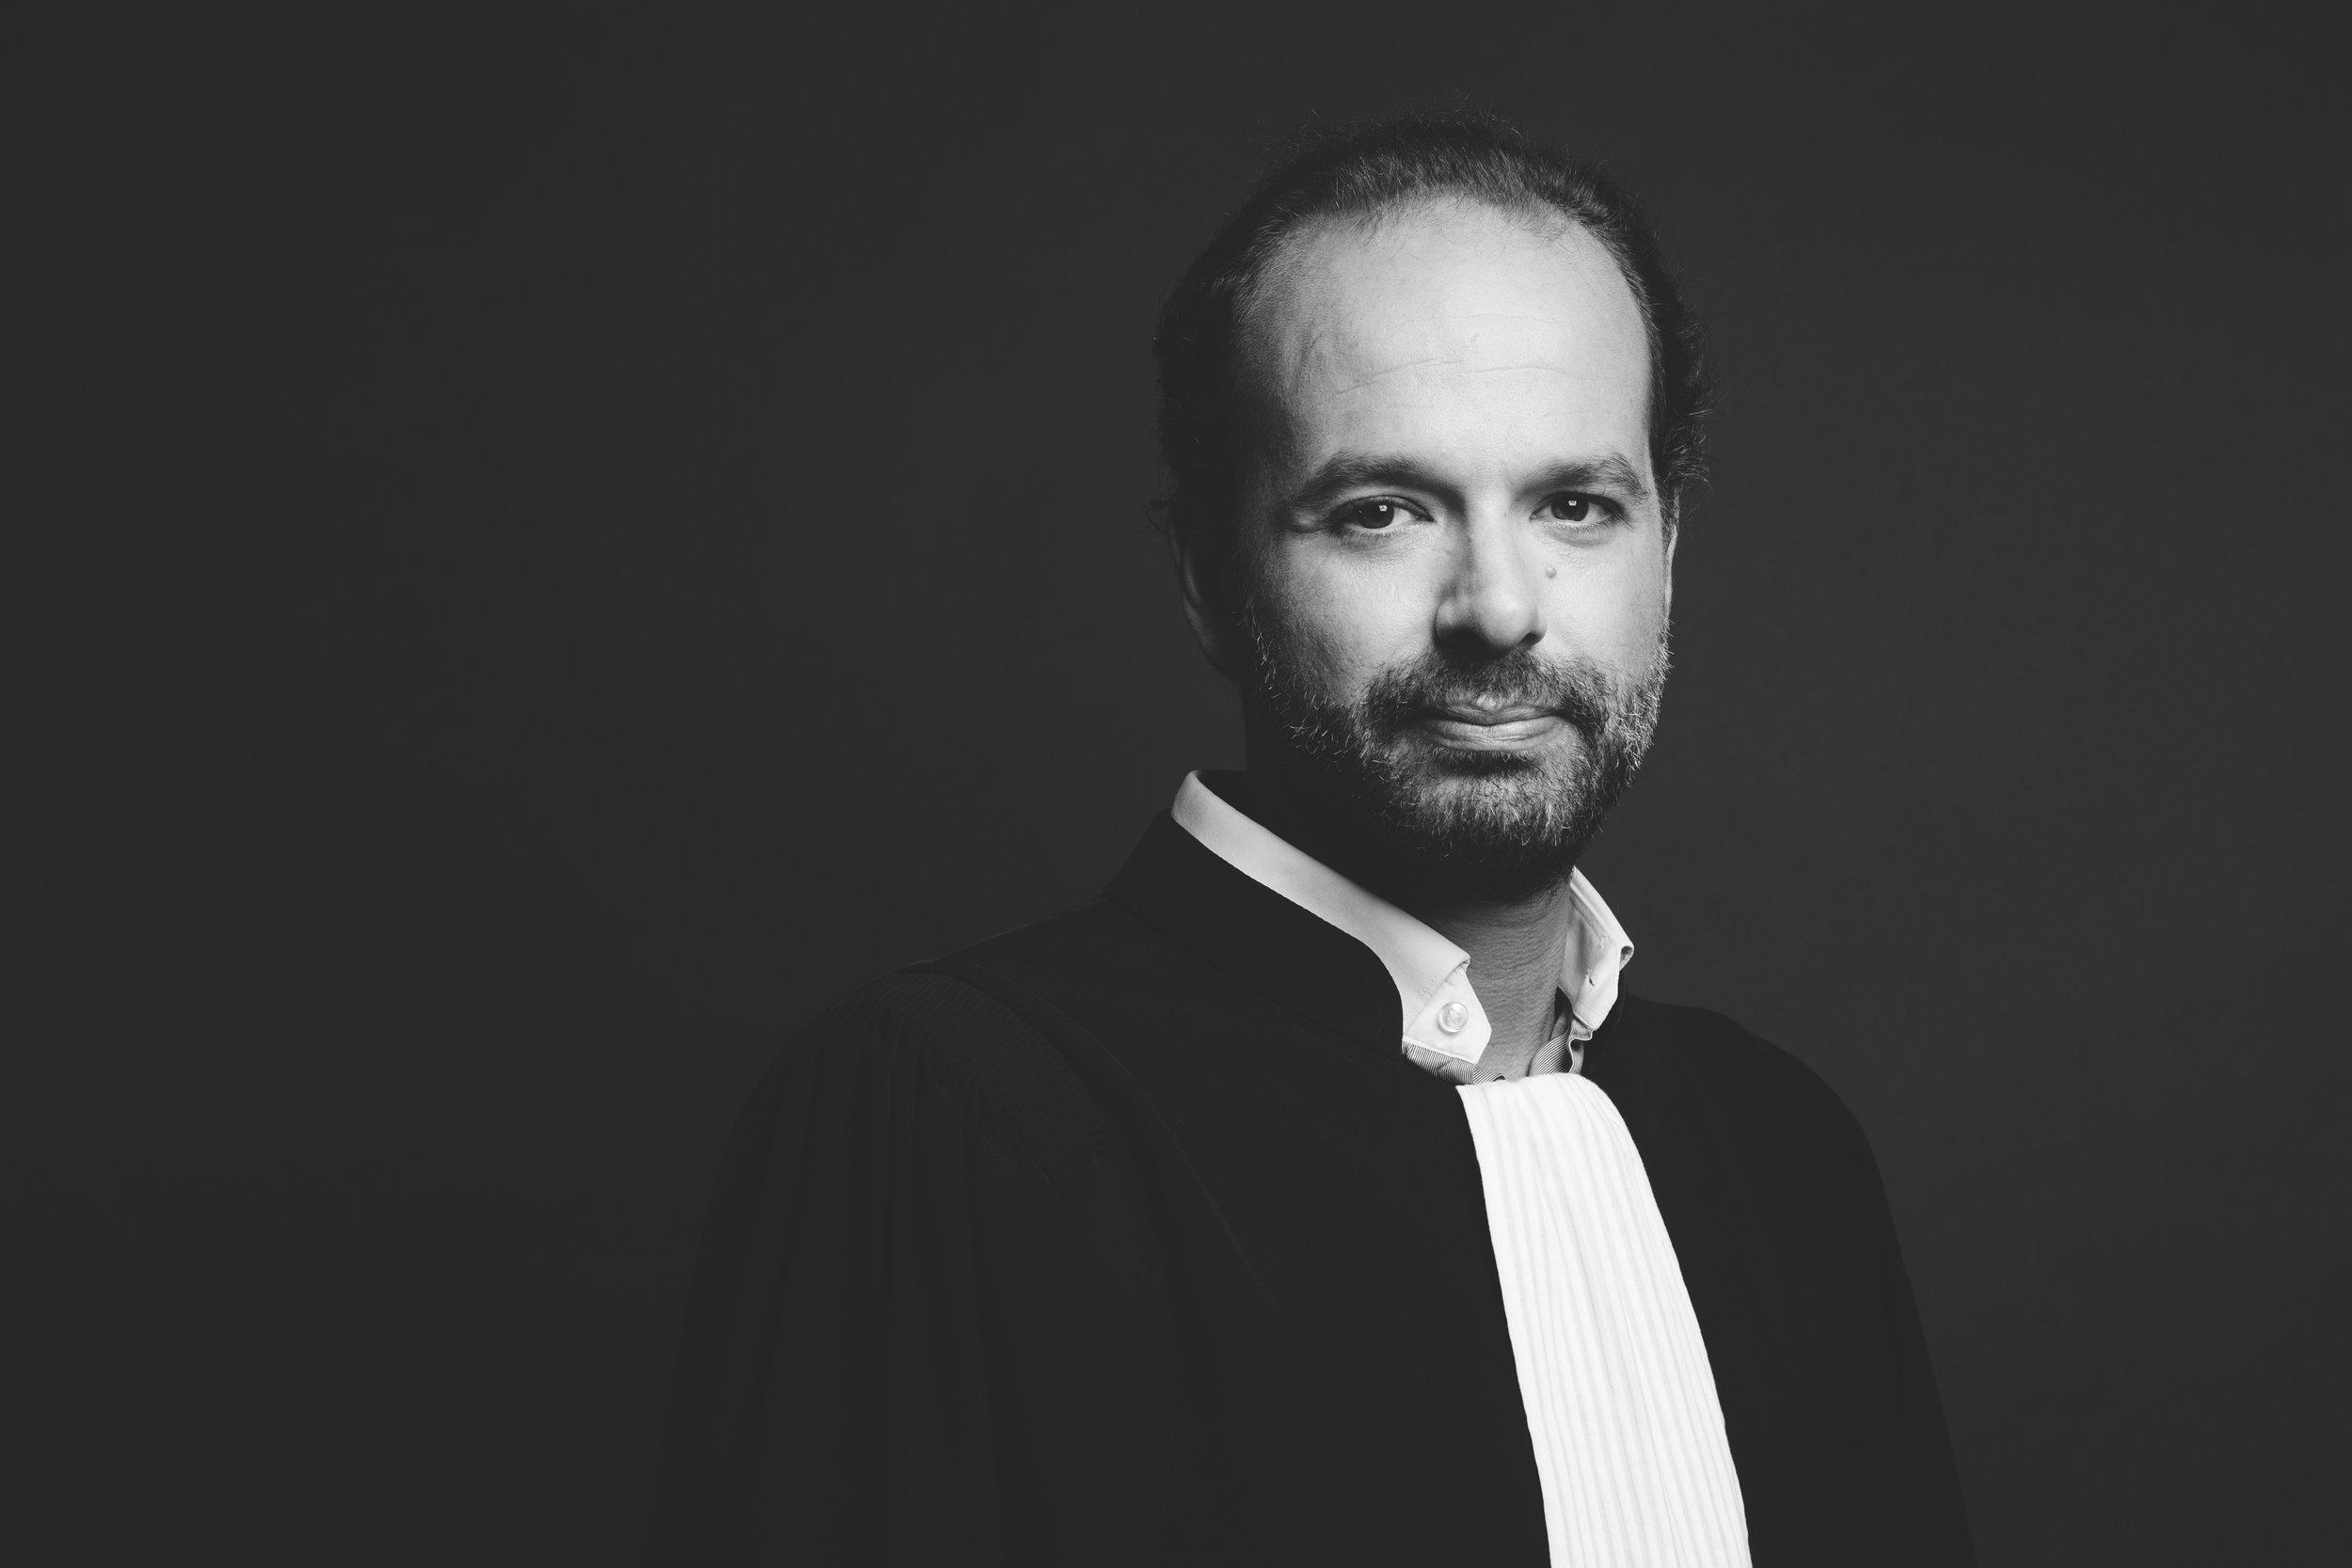 Maître Fain - Avocat spécialisé en droit de la famille à Paris